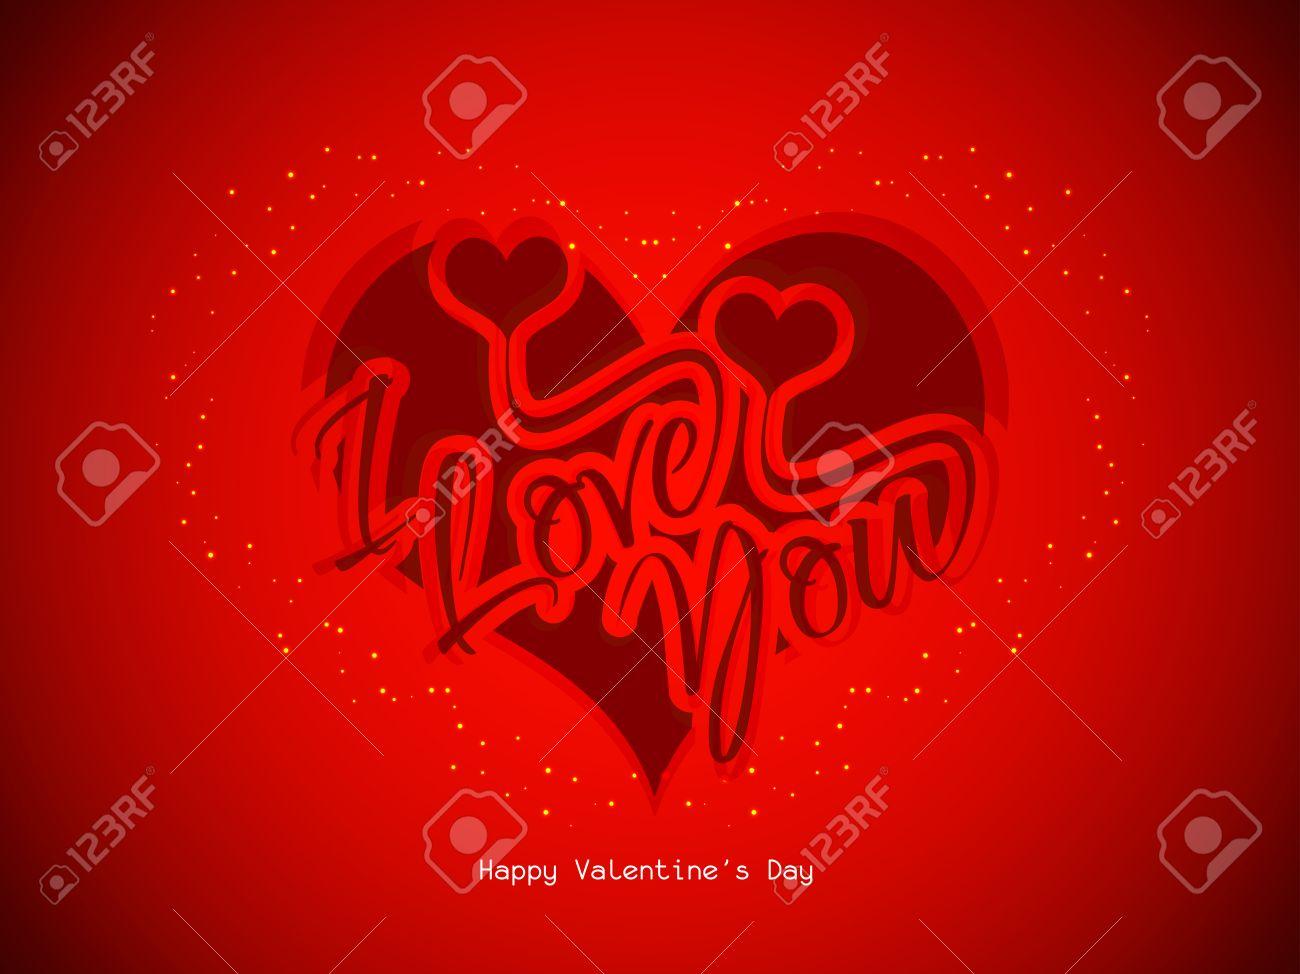 Schöne Ich Liebe Dich Hintergrund Mit Herzen Lizenzfrei Nutzbare ...